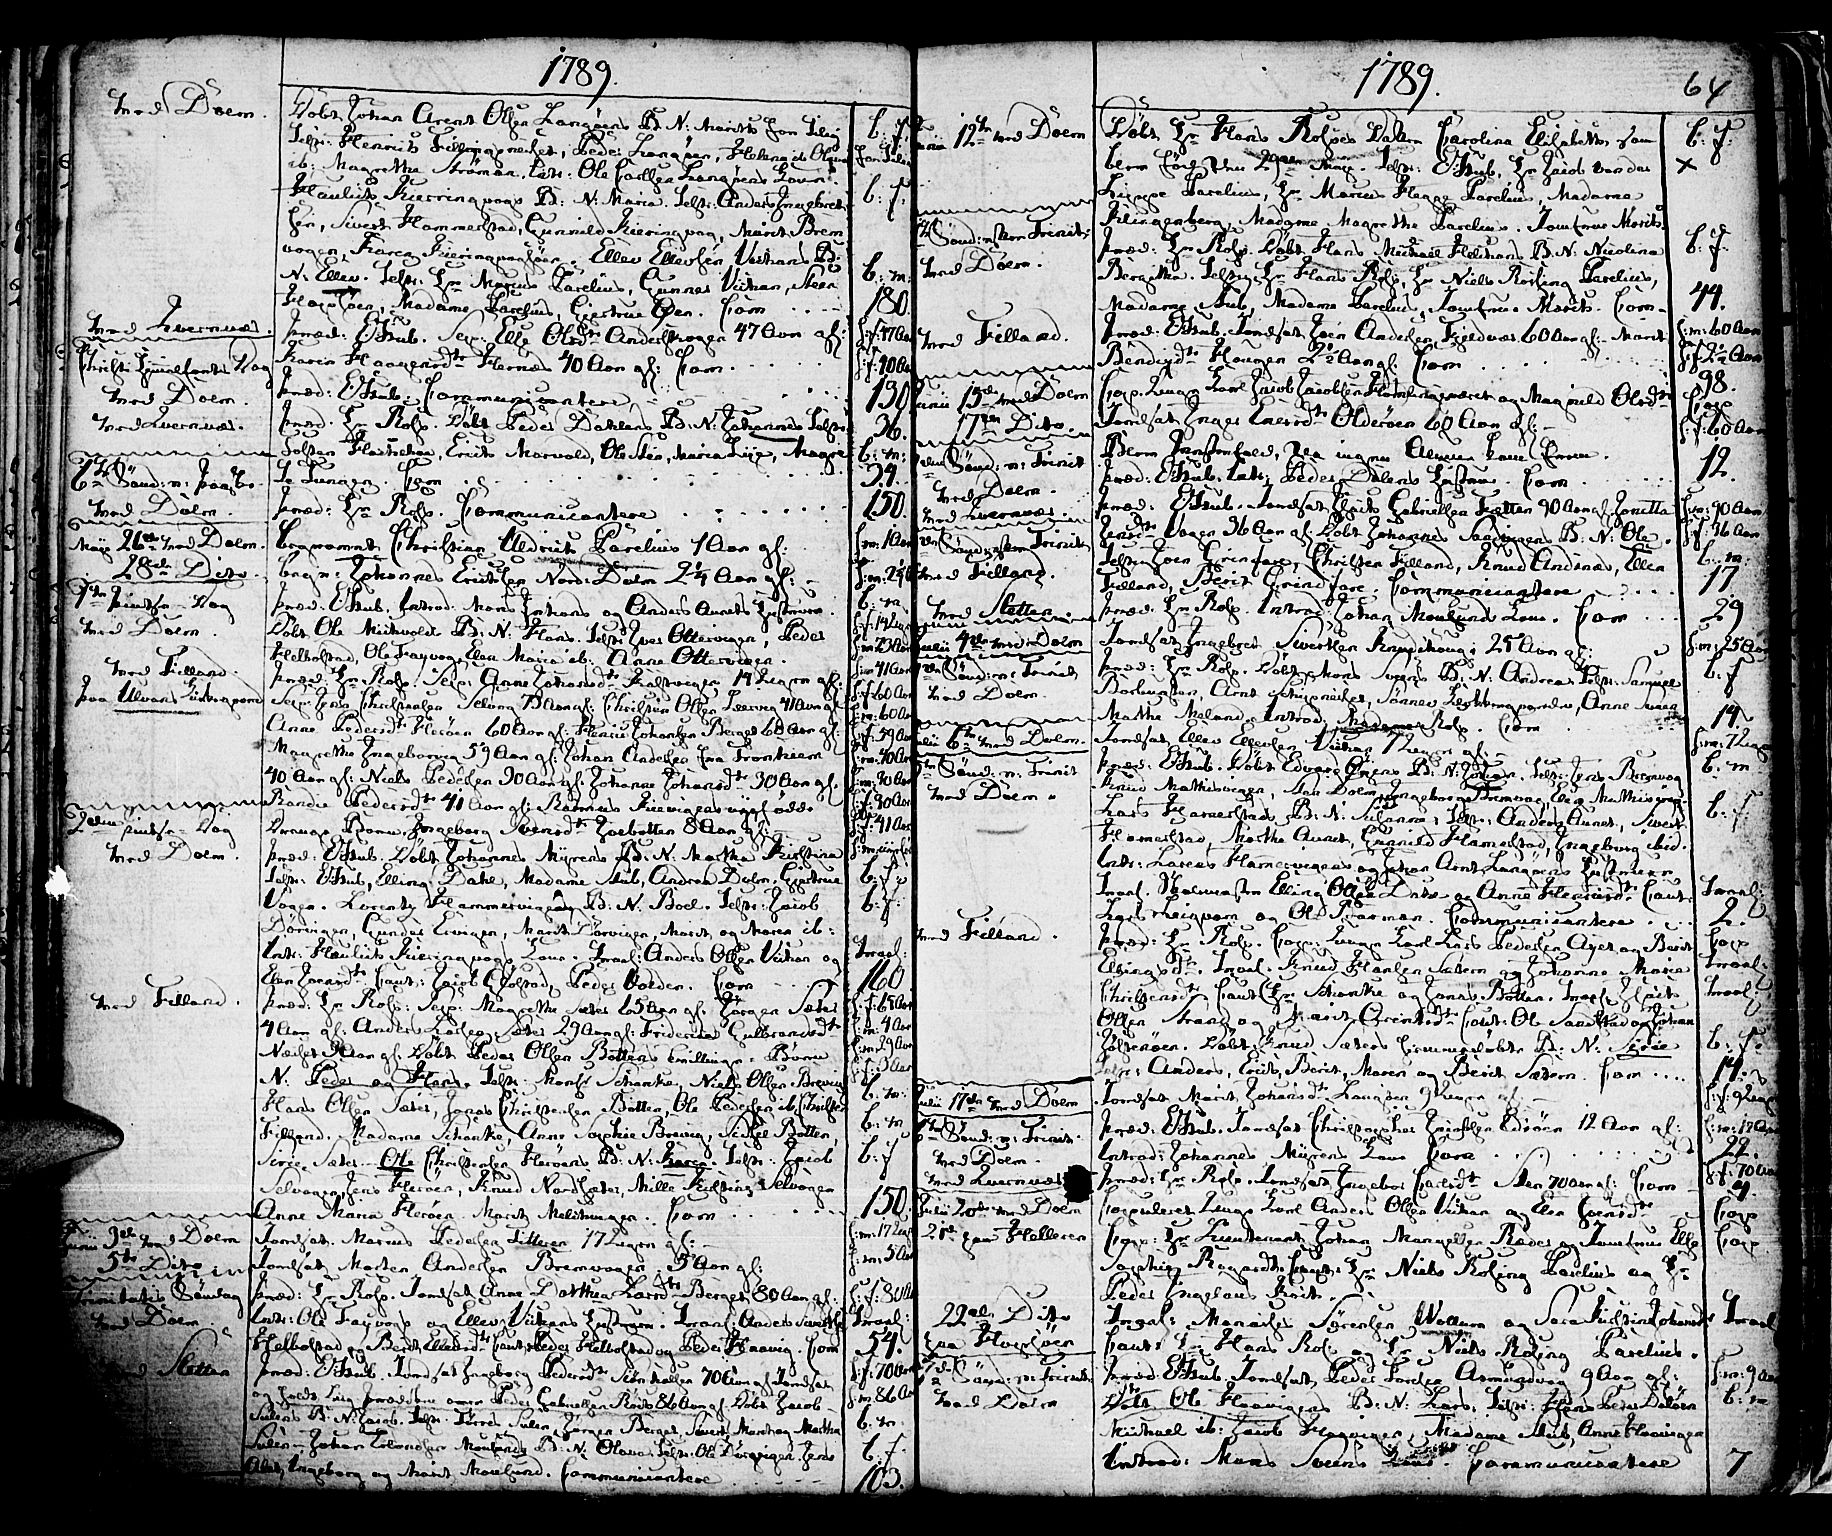 SAT, Ministerialprotokoller, klokkerbøker og fødselsregistre - Sør-Trøndelag, 634/L0526: Ministerialbok nr. 634A02, 1775-1818, s. 64